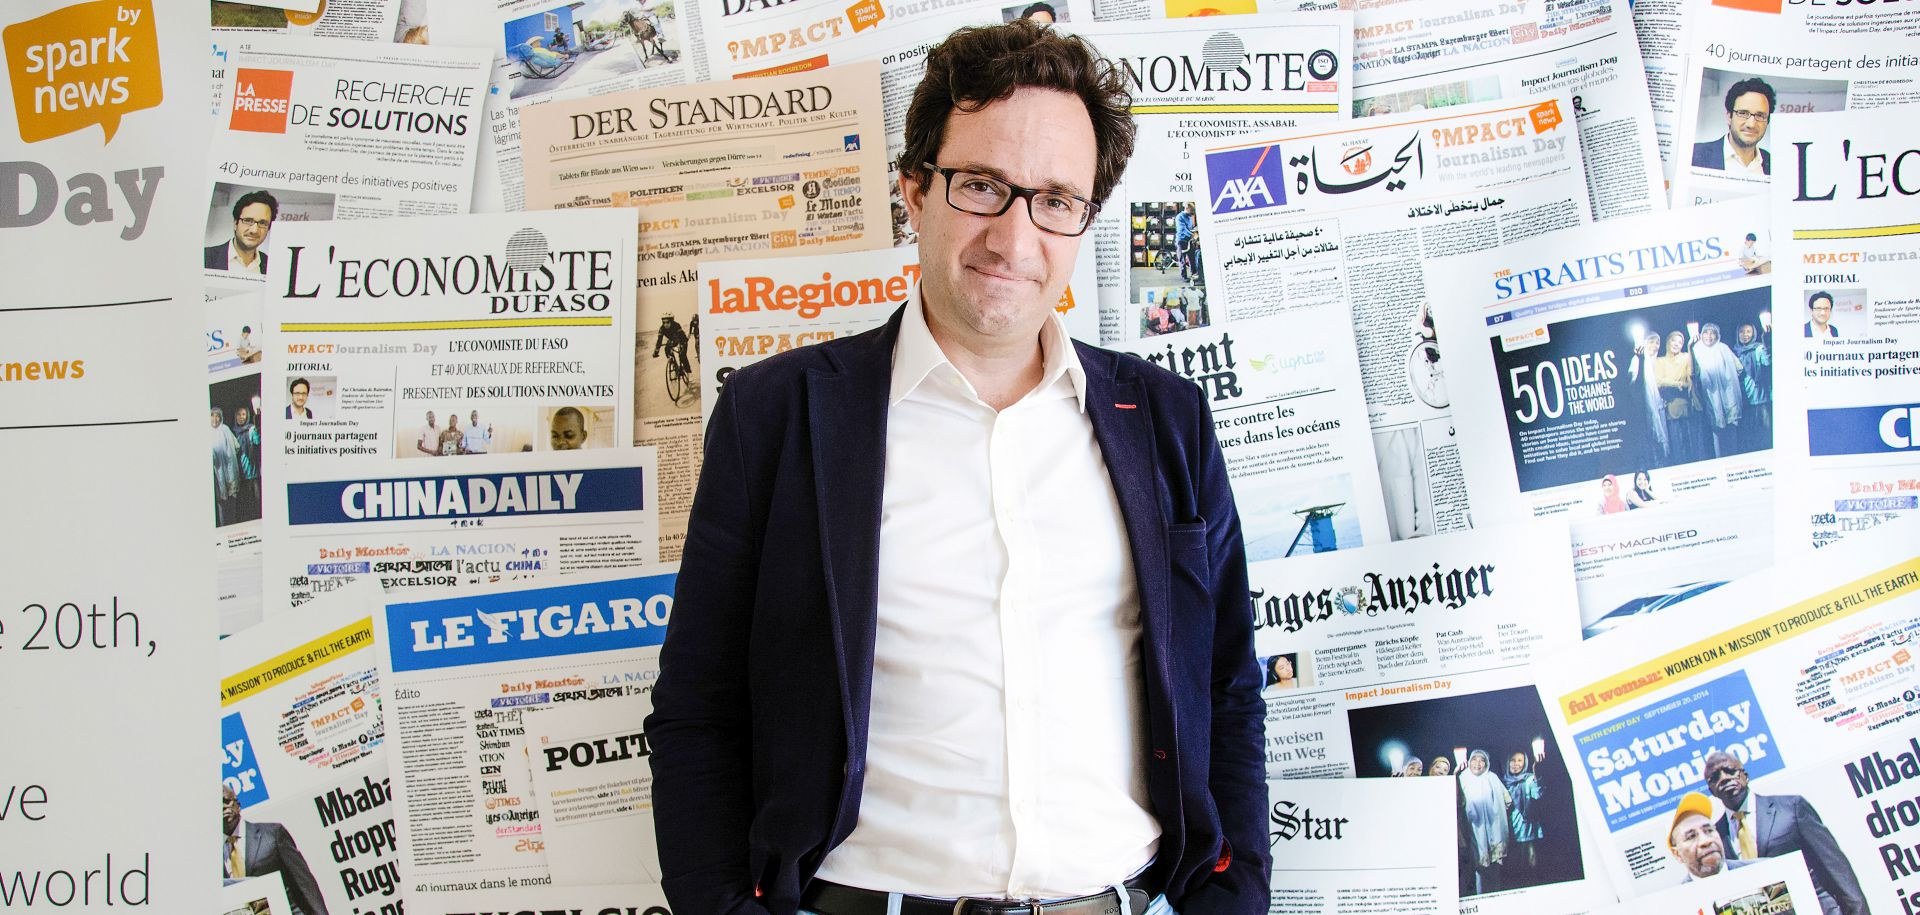 Christian de Boisredon, créateur de Sparknews et de l'Impact JournalismDay